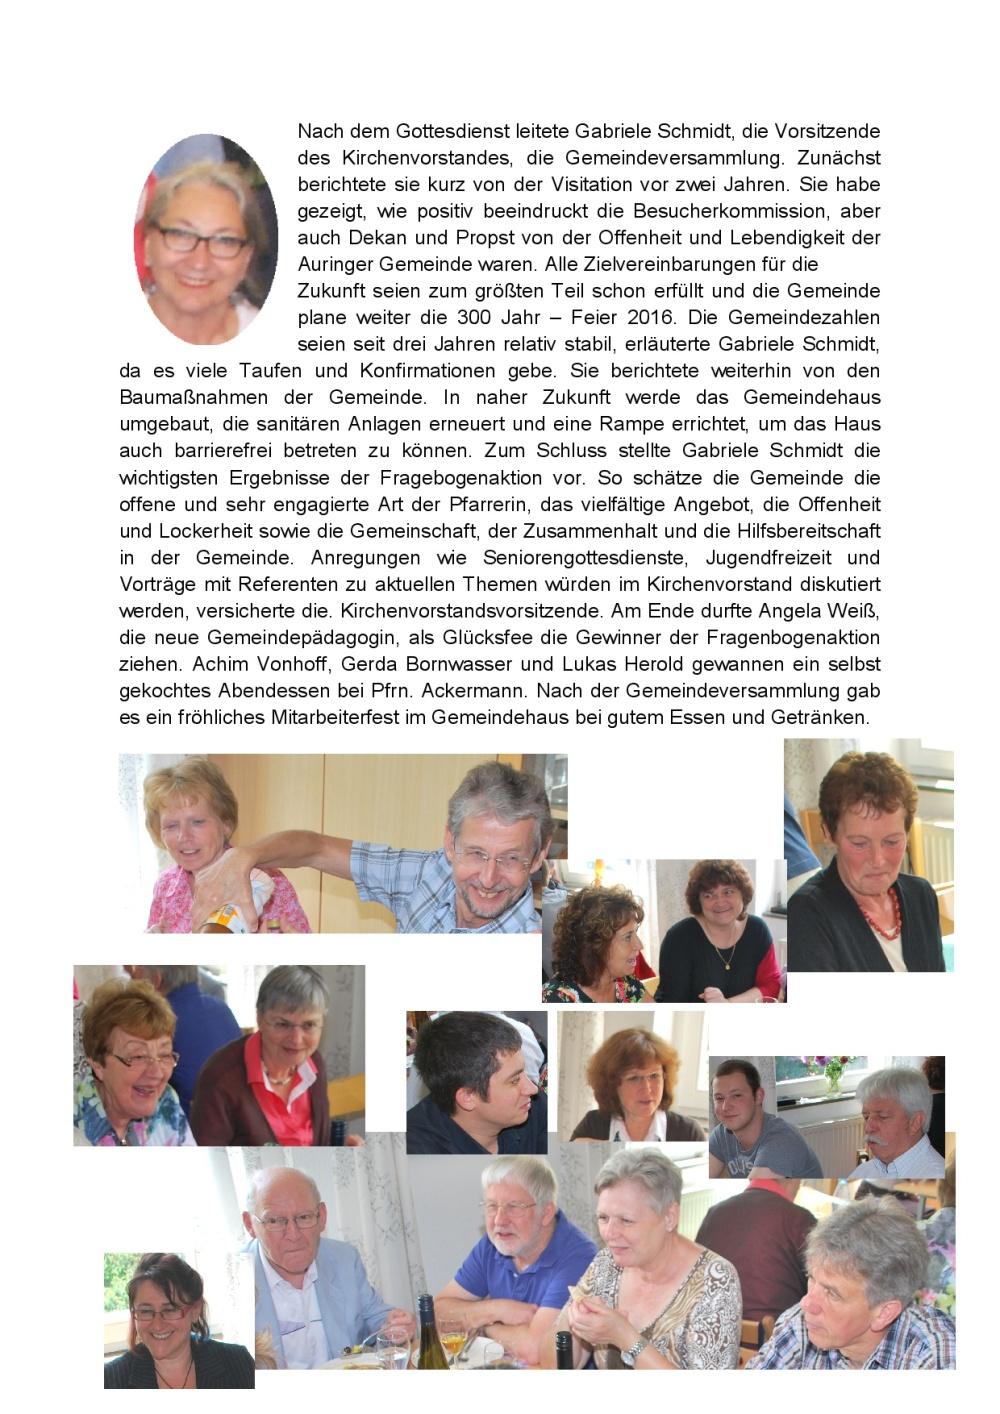 17-Godi+Gemeindevers.+Mitarbeiterfest 15.06.14-002